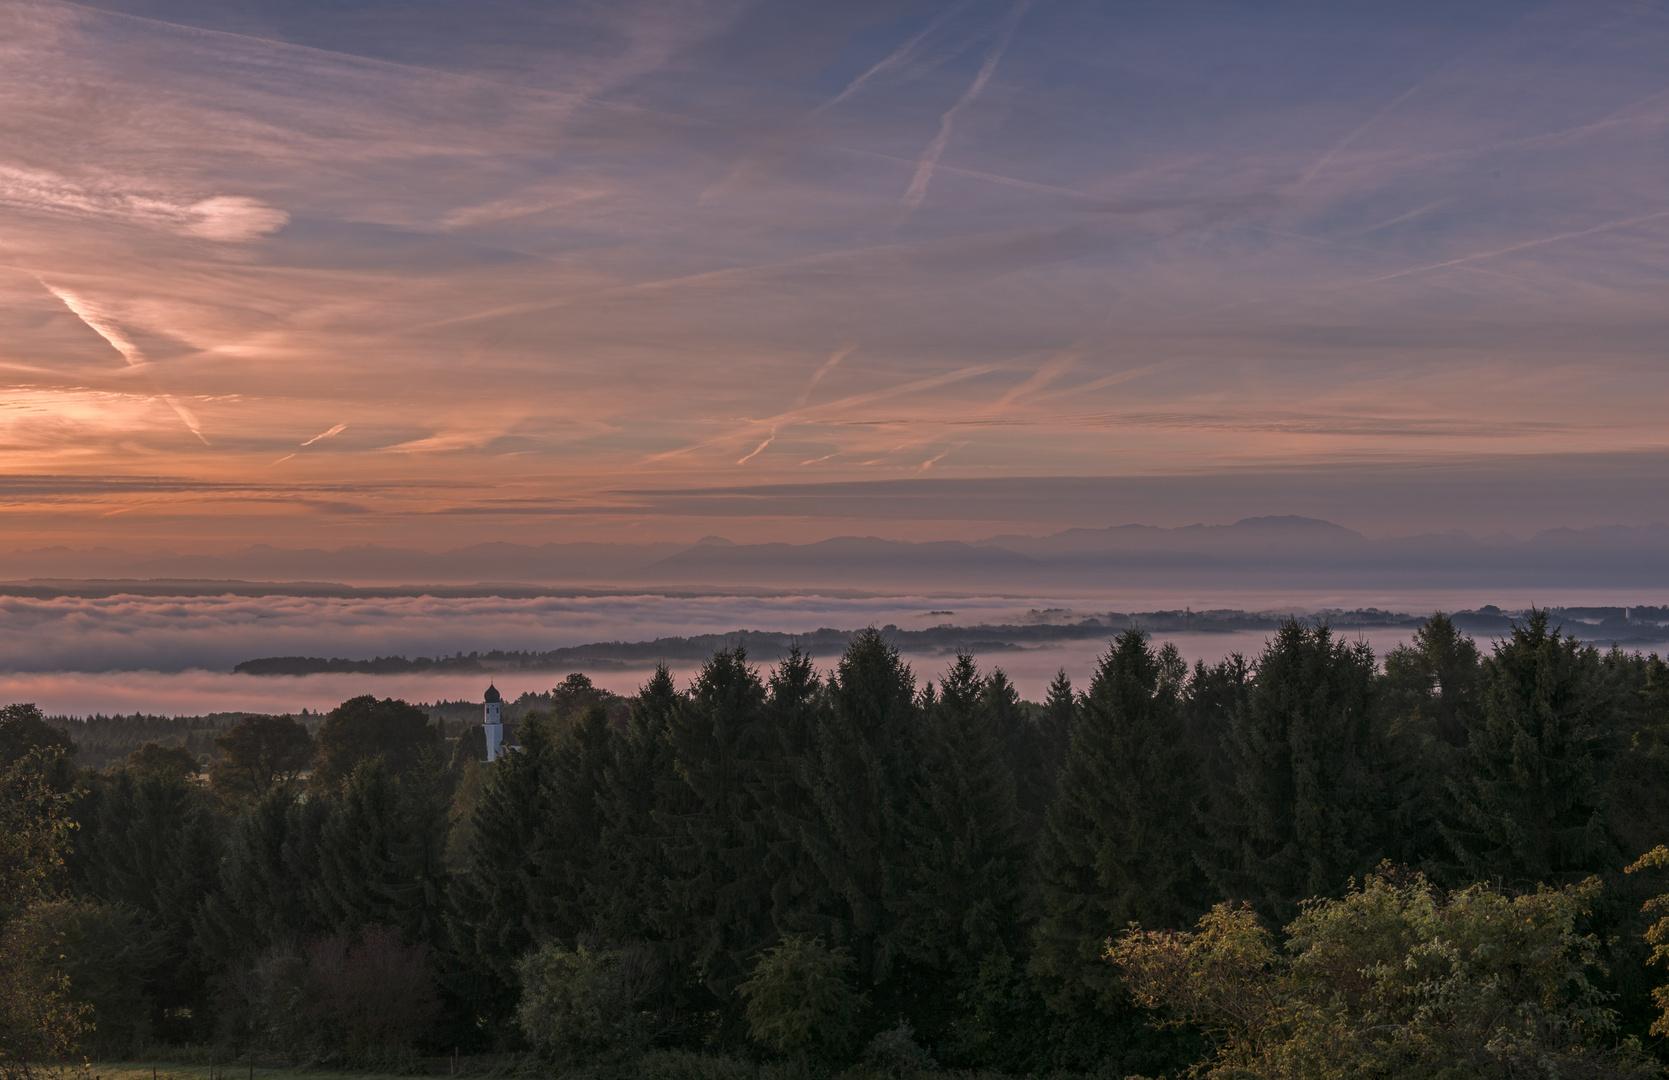 Der Tag ist da - Ilkahöhe mit Blick auf den Starnberger See, den Alpenhauptkamm und das Kirchlein St